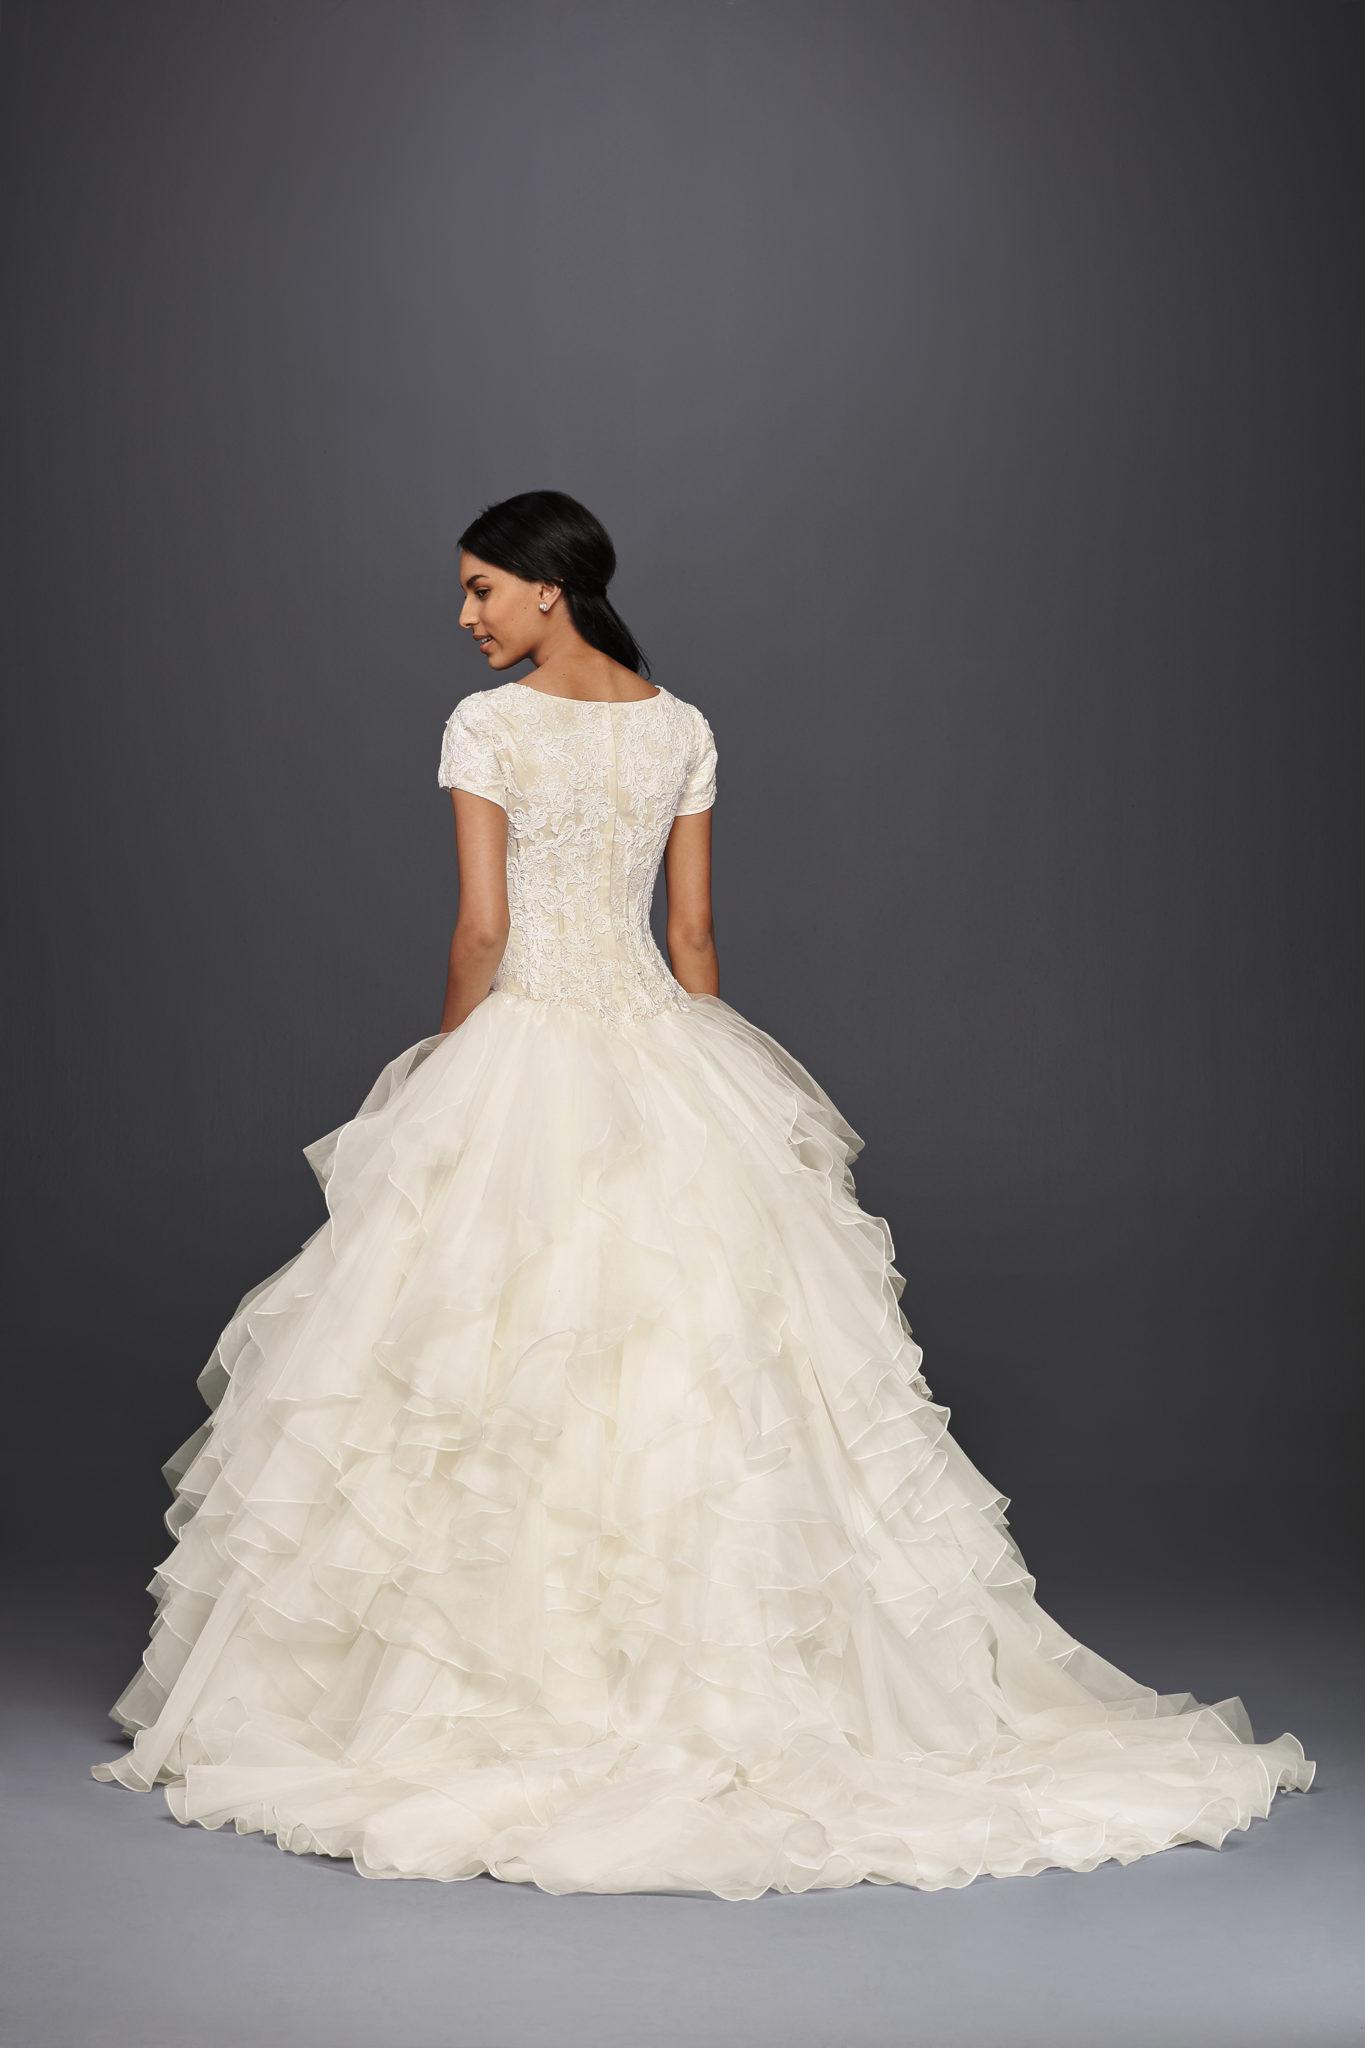 top 3 modest wedding dress trends ft davids bridal conservative wedding dress SLCWG IVYCHAMP OLEG PROD4